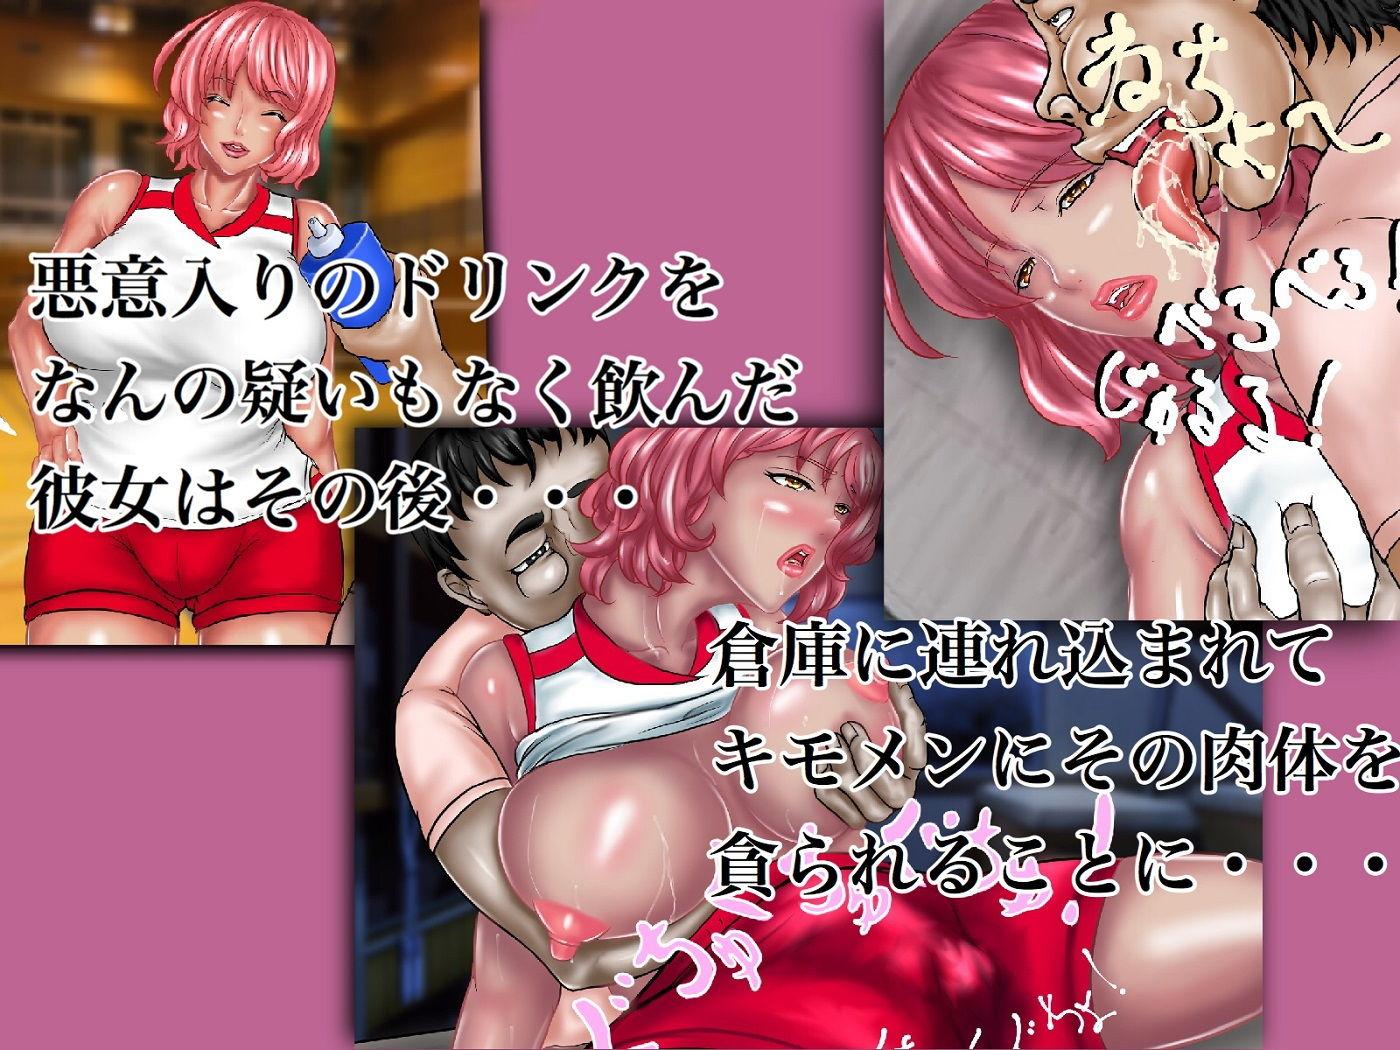 https://www.dmm.co.jp/dc/doujin/-/detail/=/cid=d_179178/